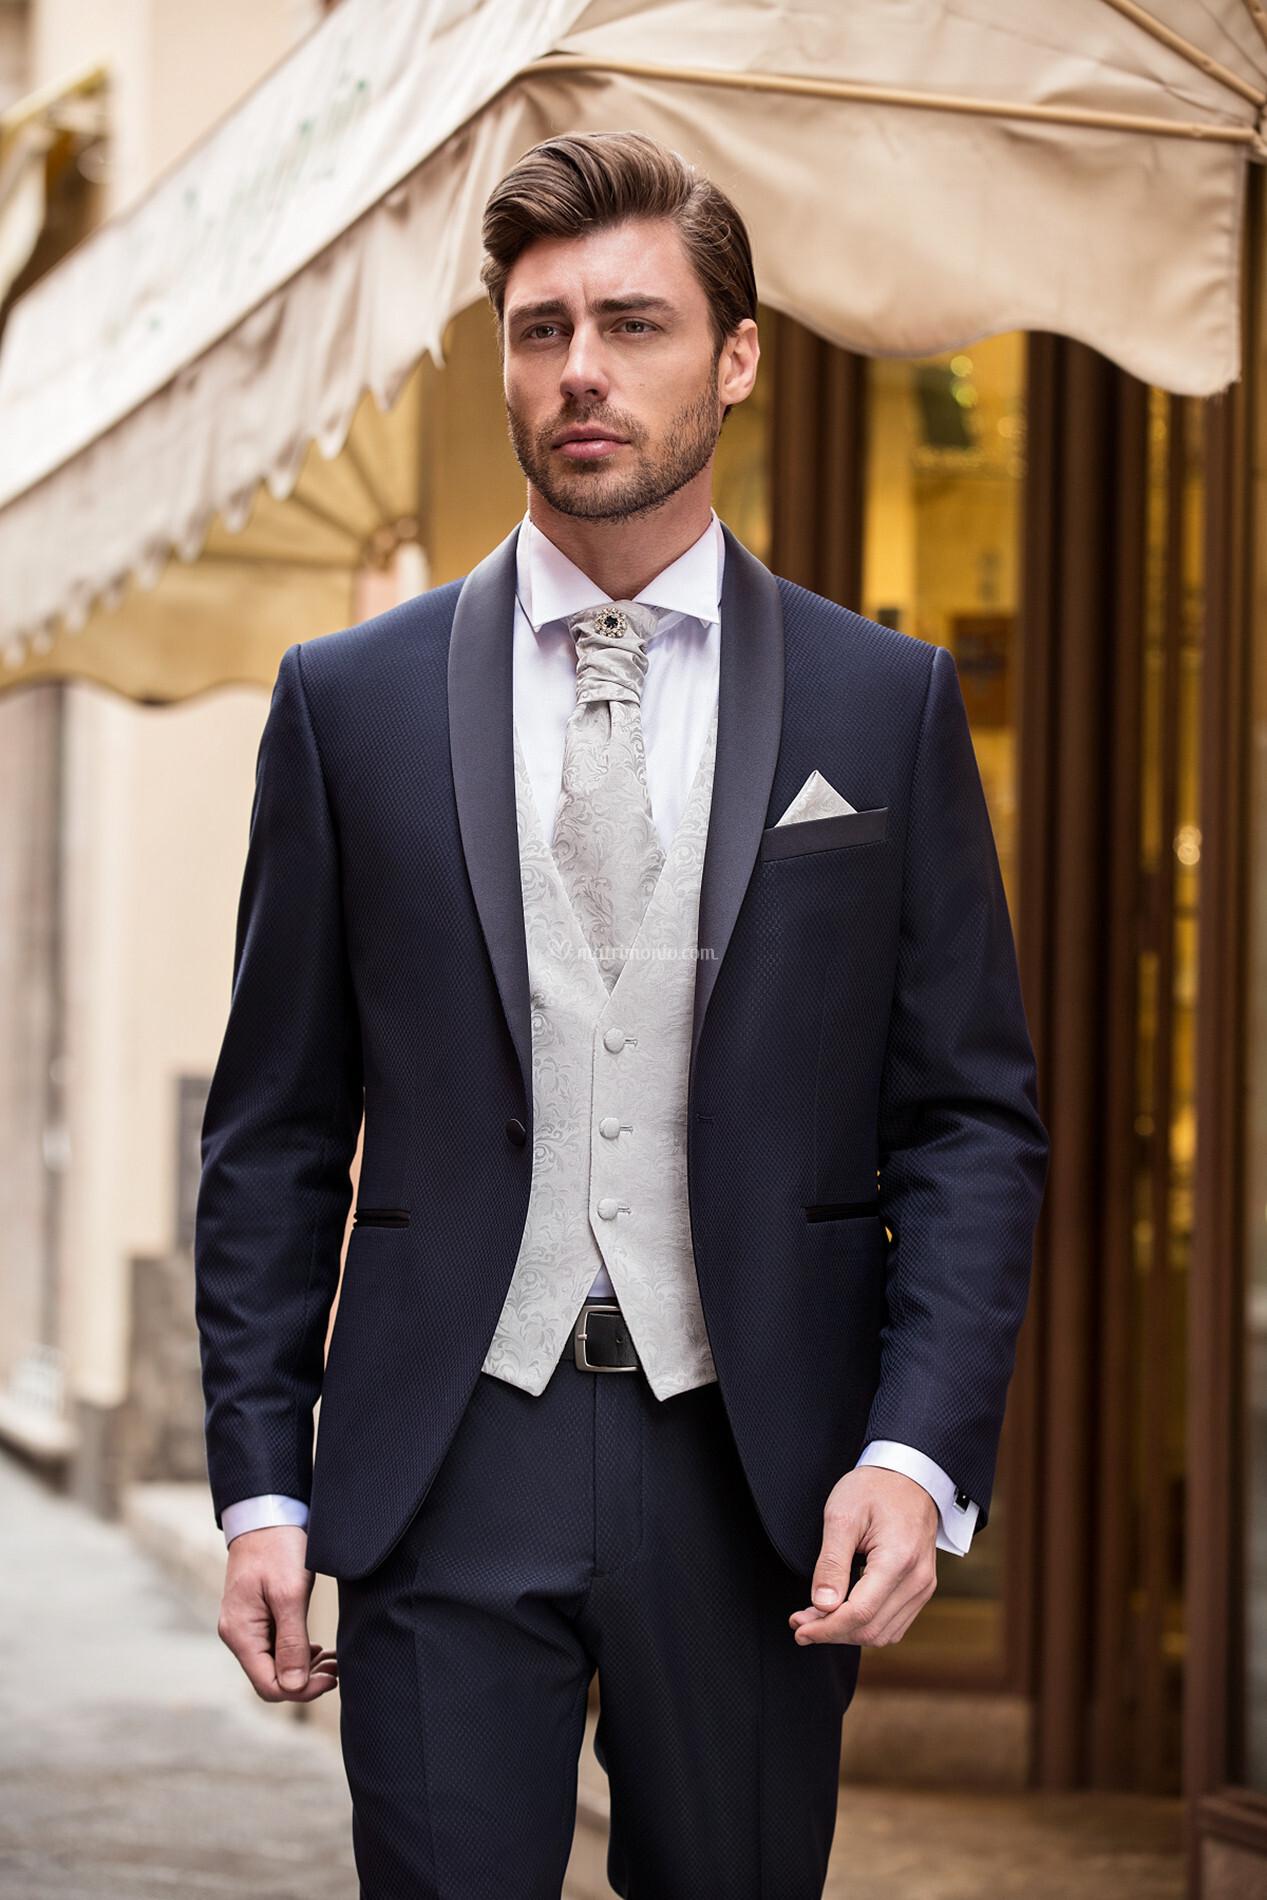 Vestiti da Sposo - Matrimonio.com e96c52a3074